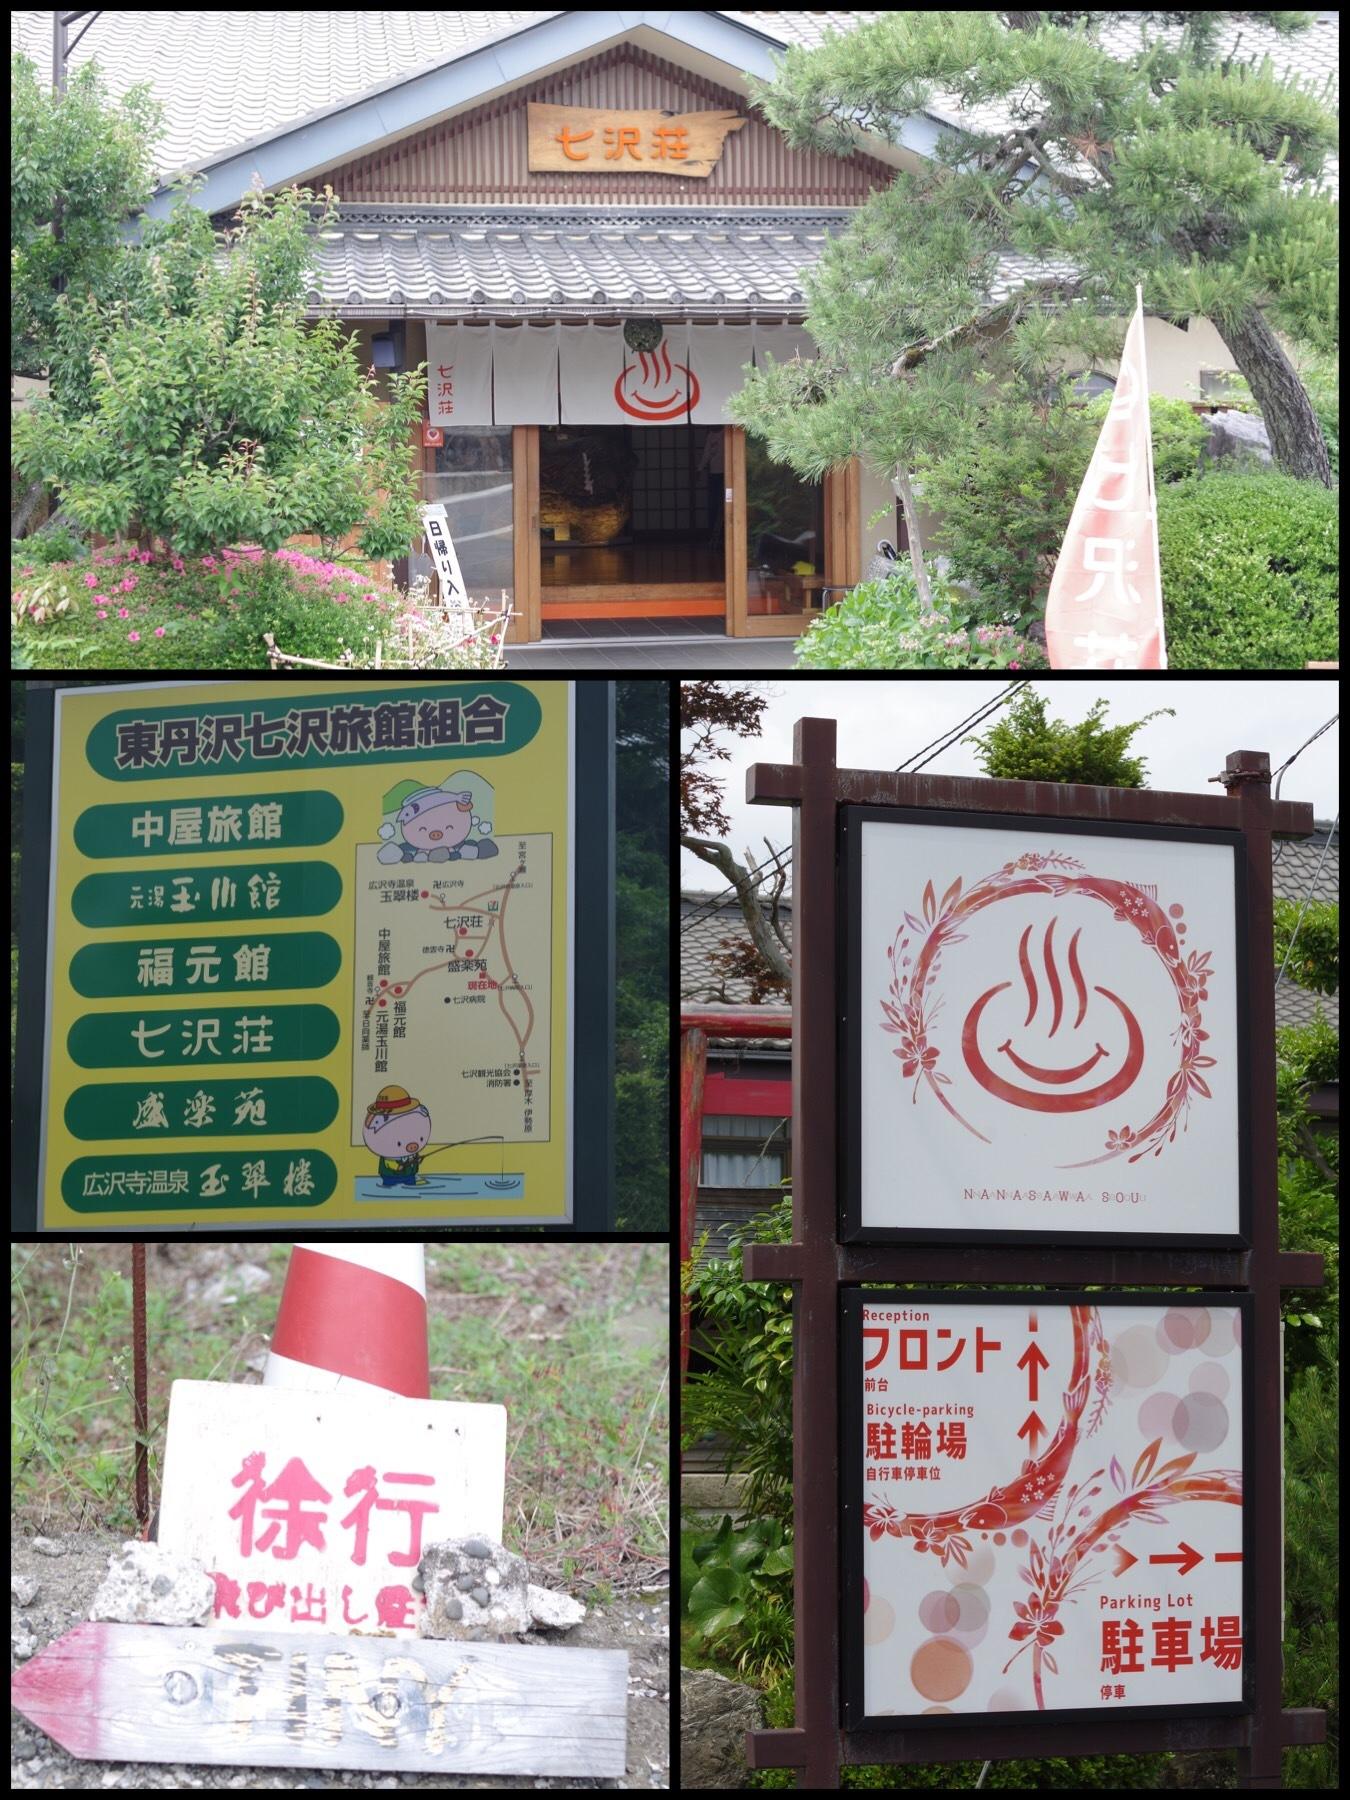 厚木七沢温泉 七沢荘 タイニーキャンプビレッジ tiny camp village